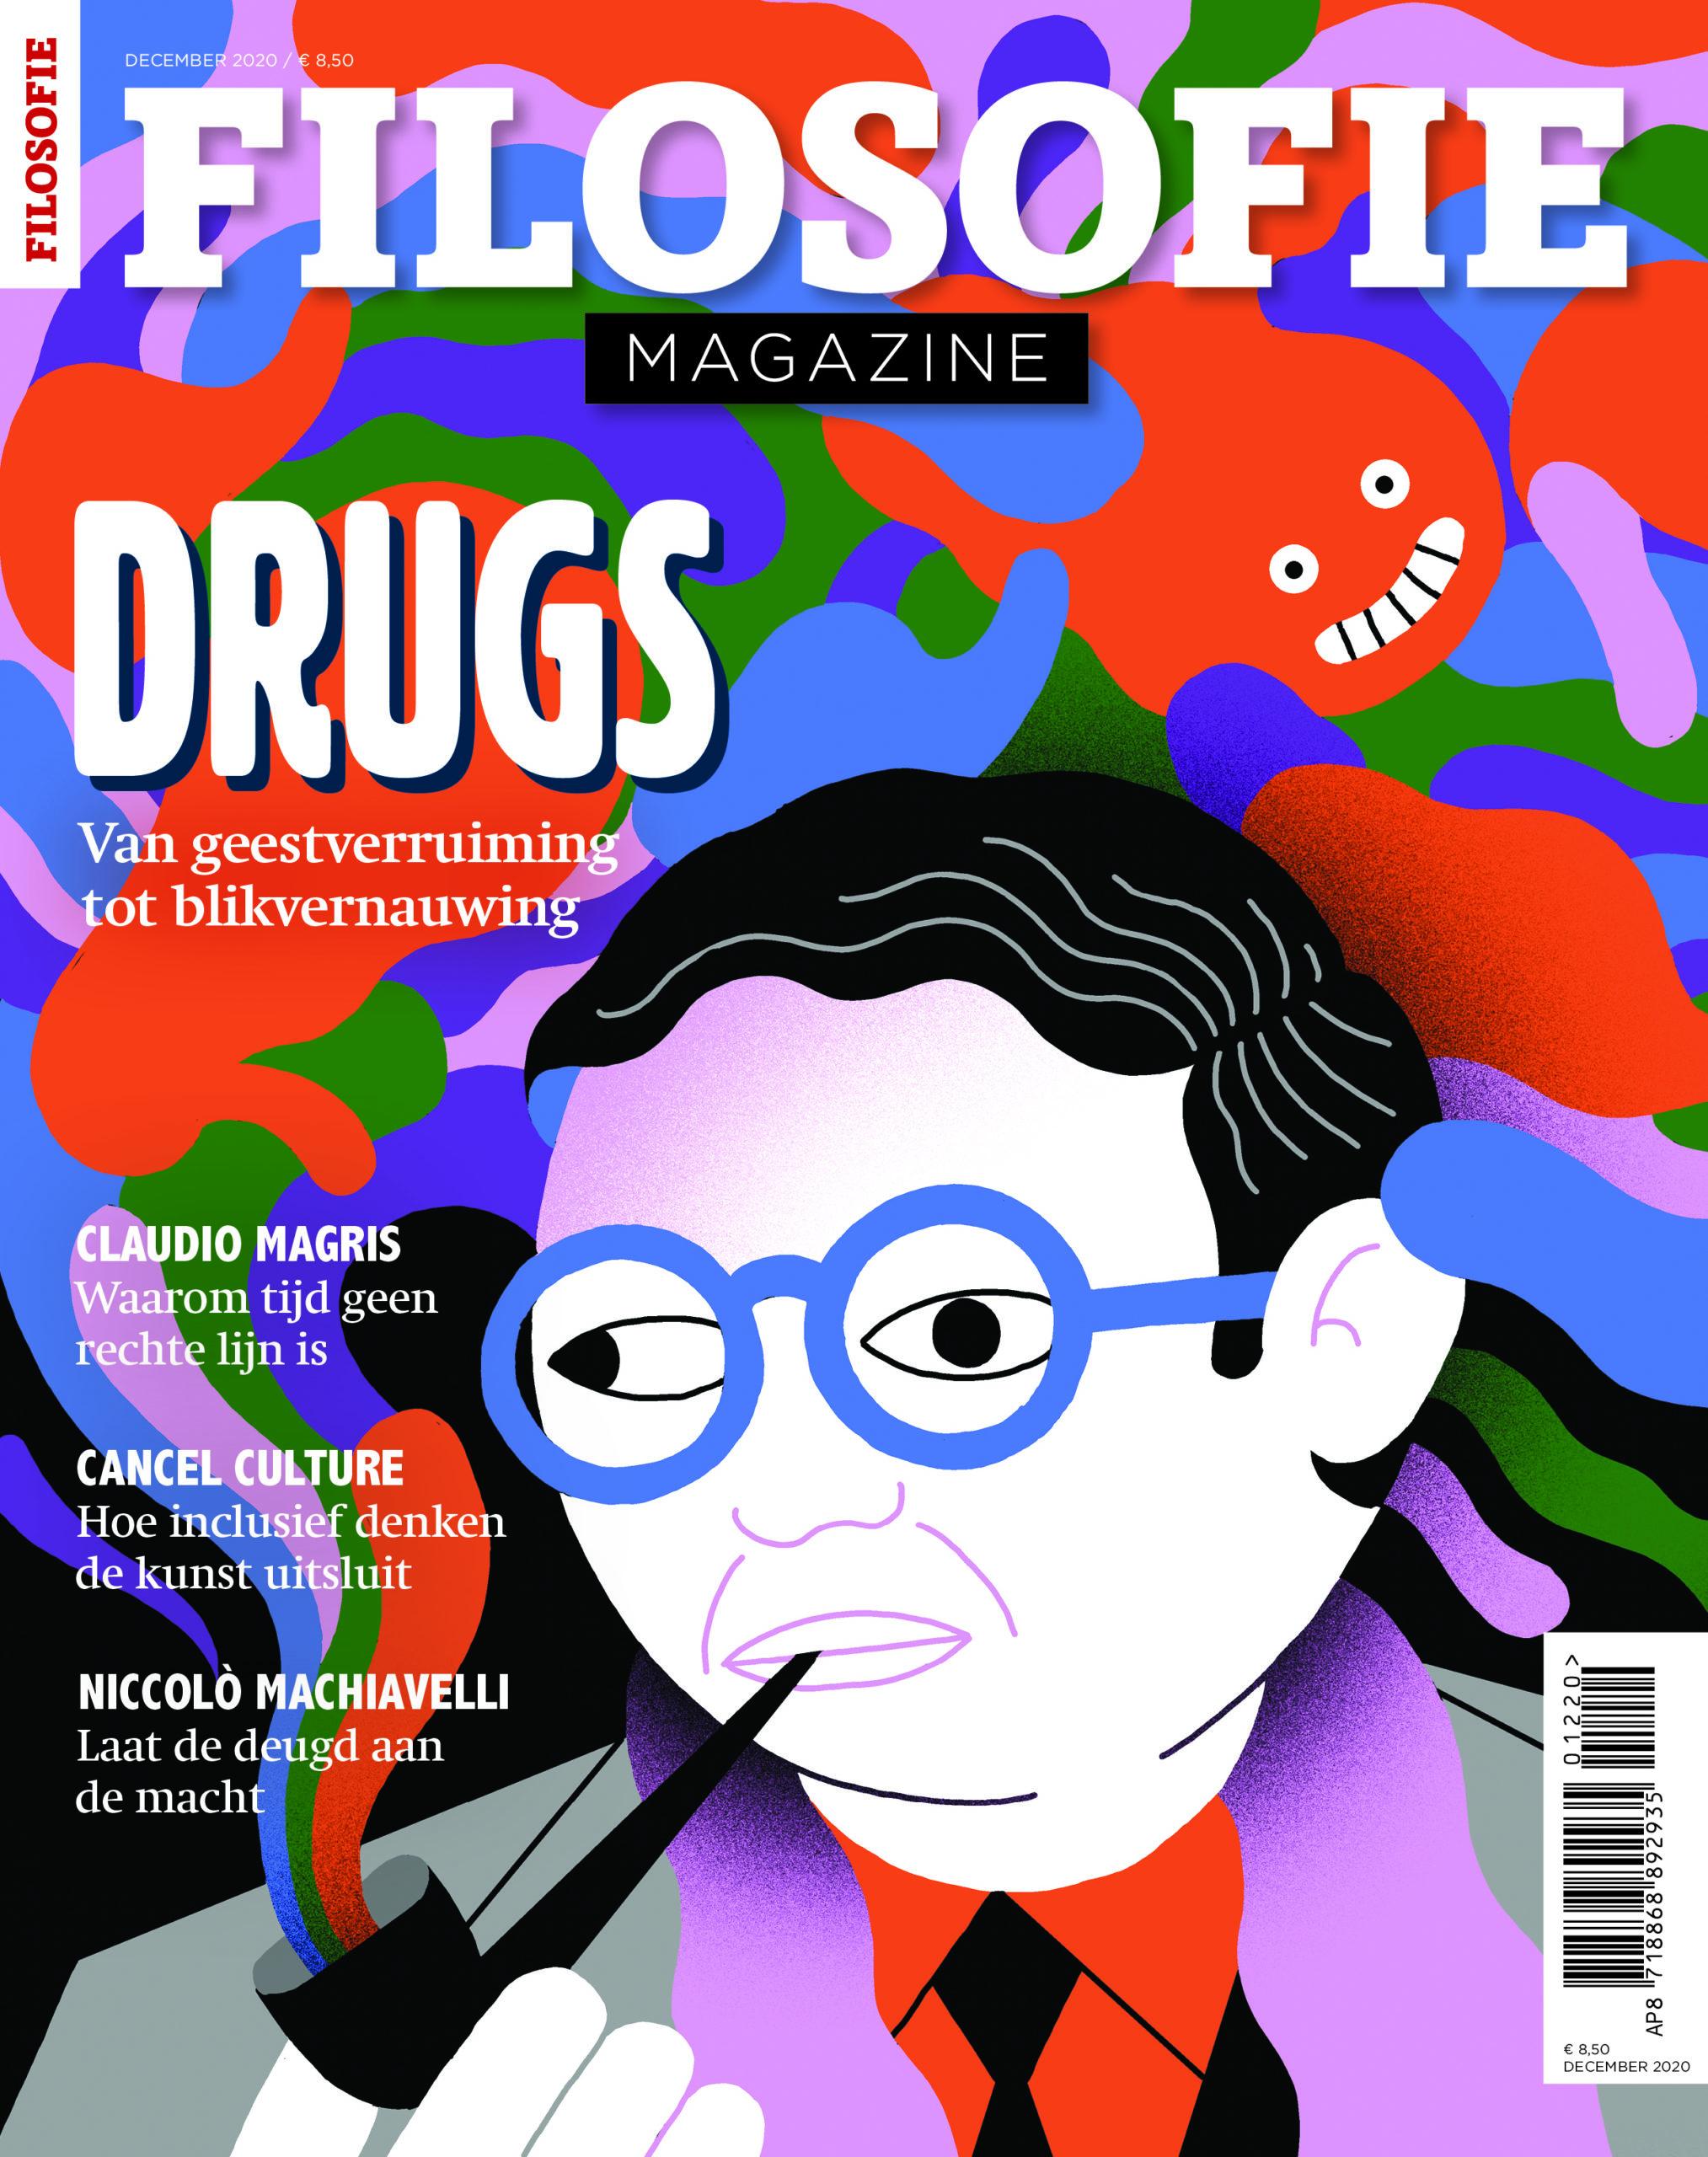 Filosofie Magazine 12 - 2020